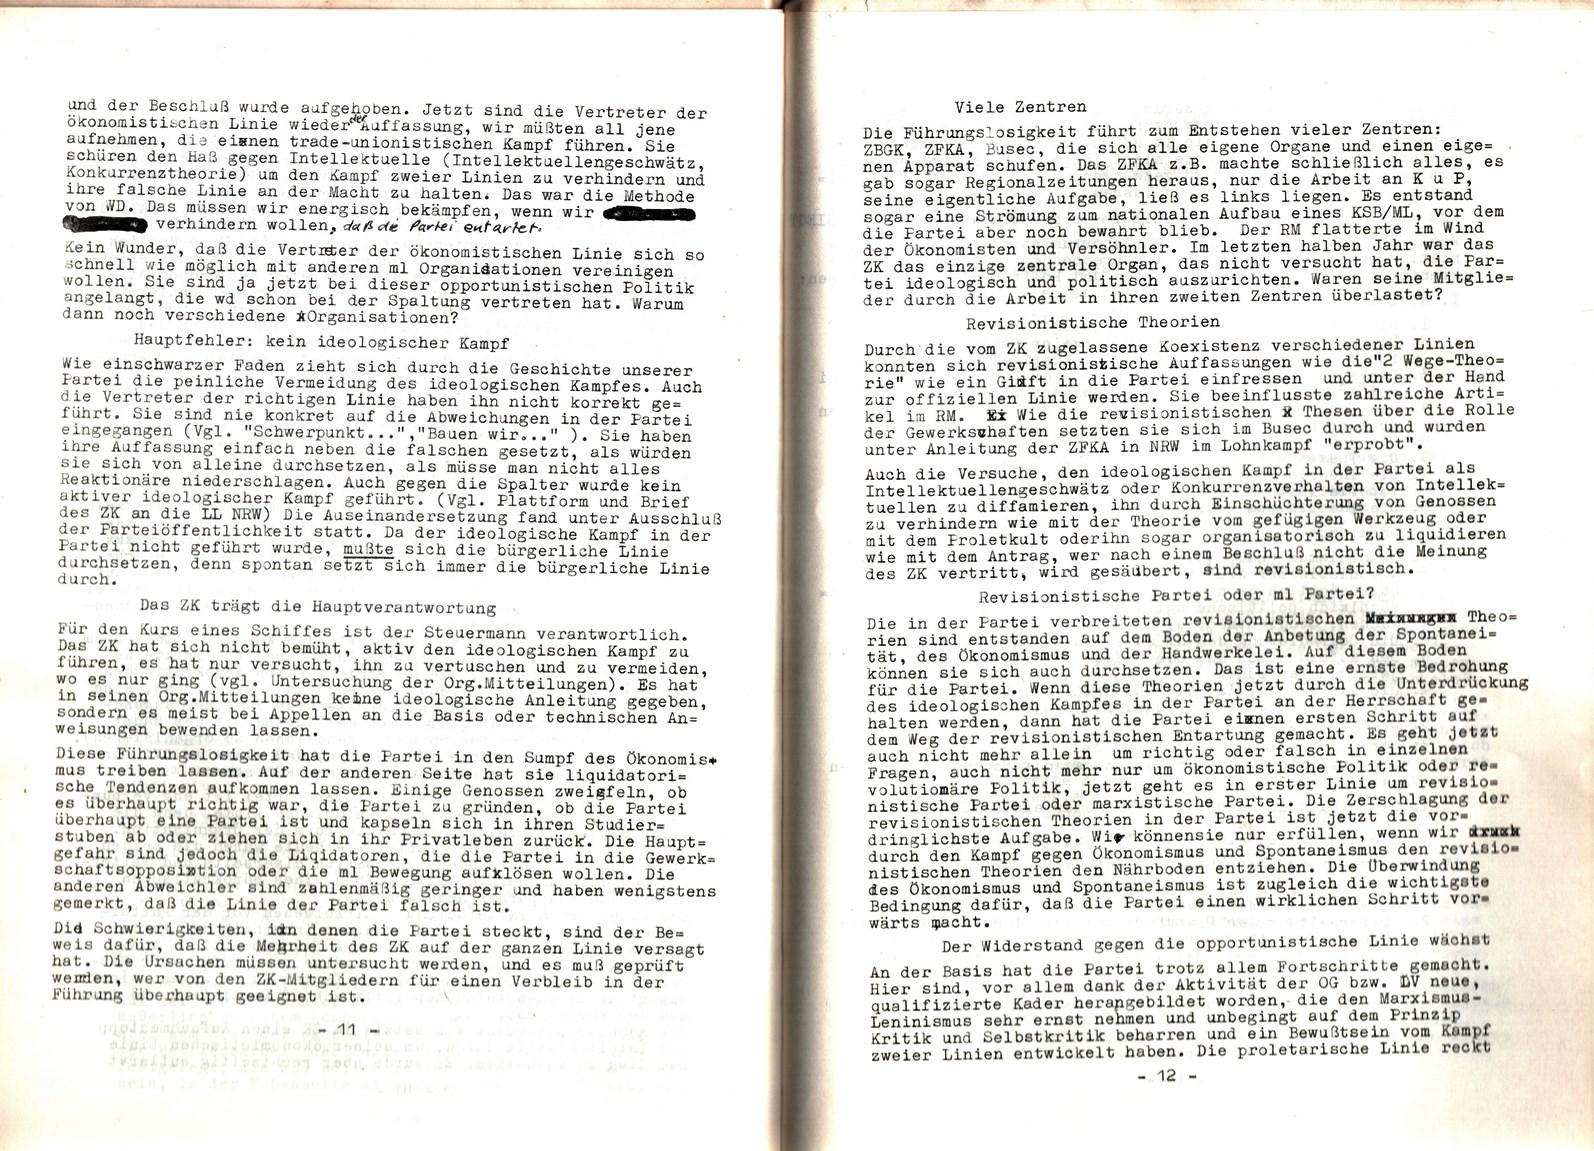 KPDML_1971_Analysen_und_Antraege_des_LV_Sued_West_049